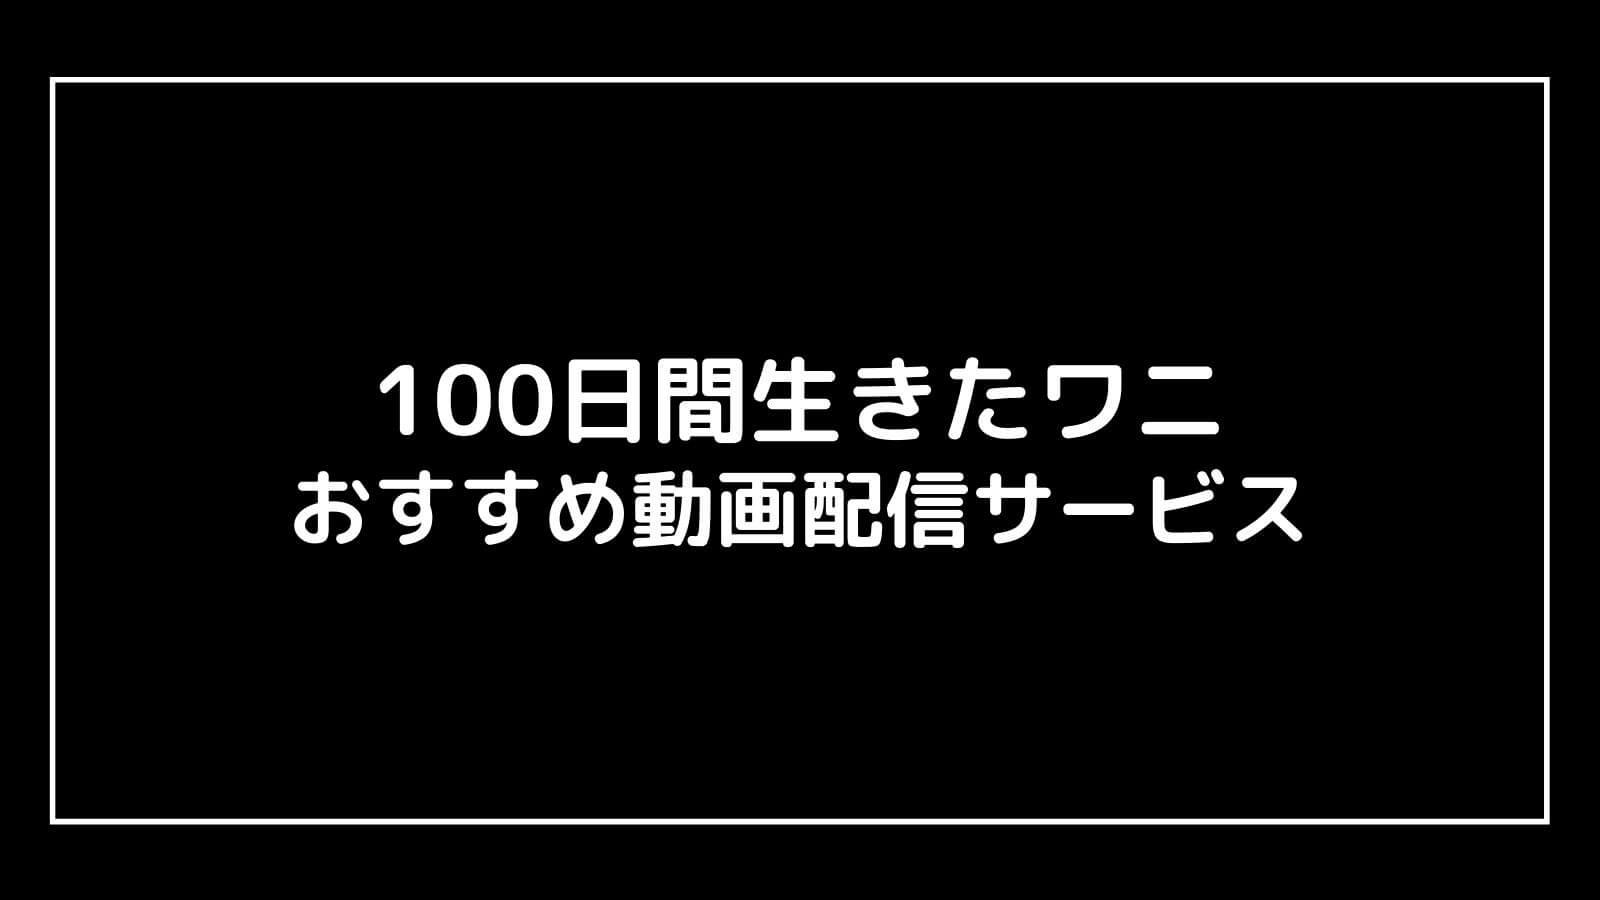 『100日間生きたワニ』の無料映画をフル視聴できる動画配信サービス【100日後に死ぬワニ】